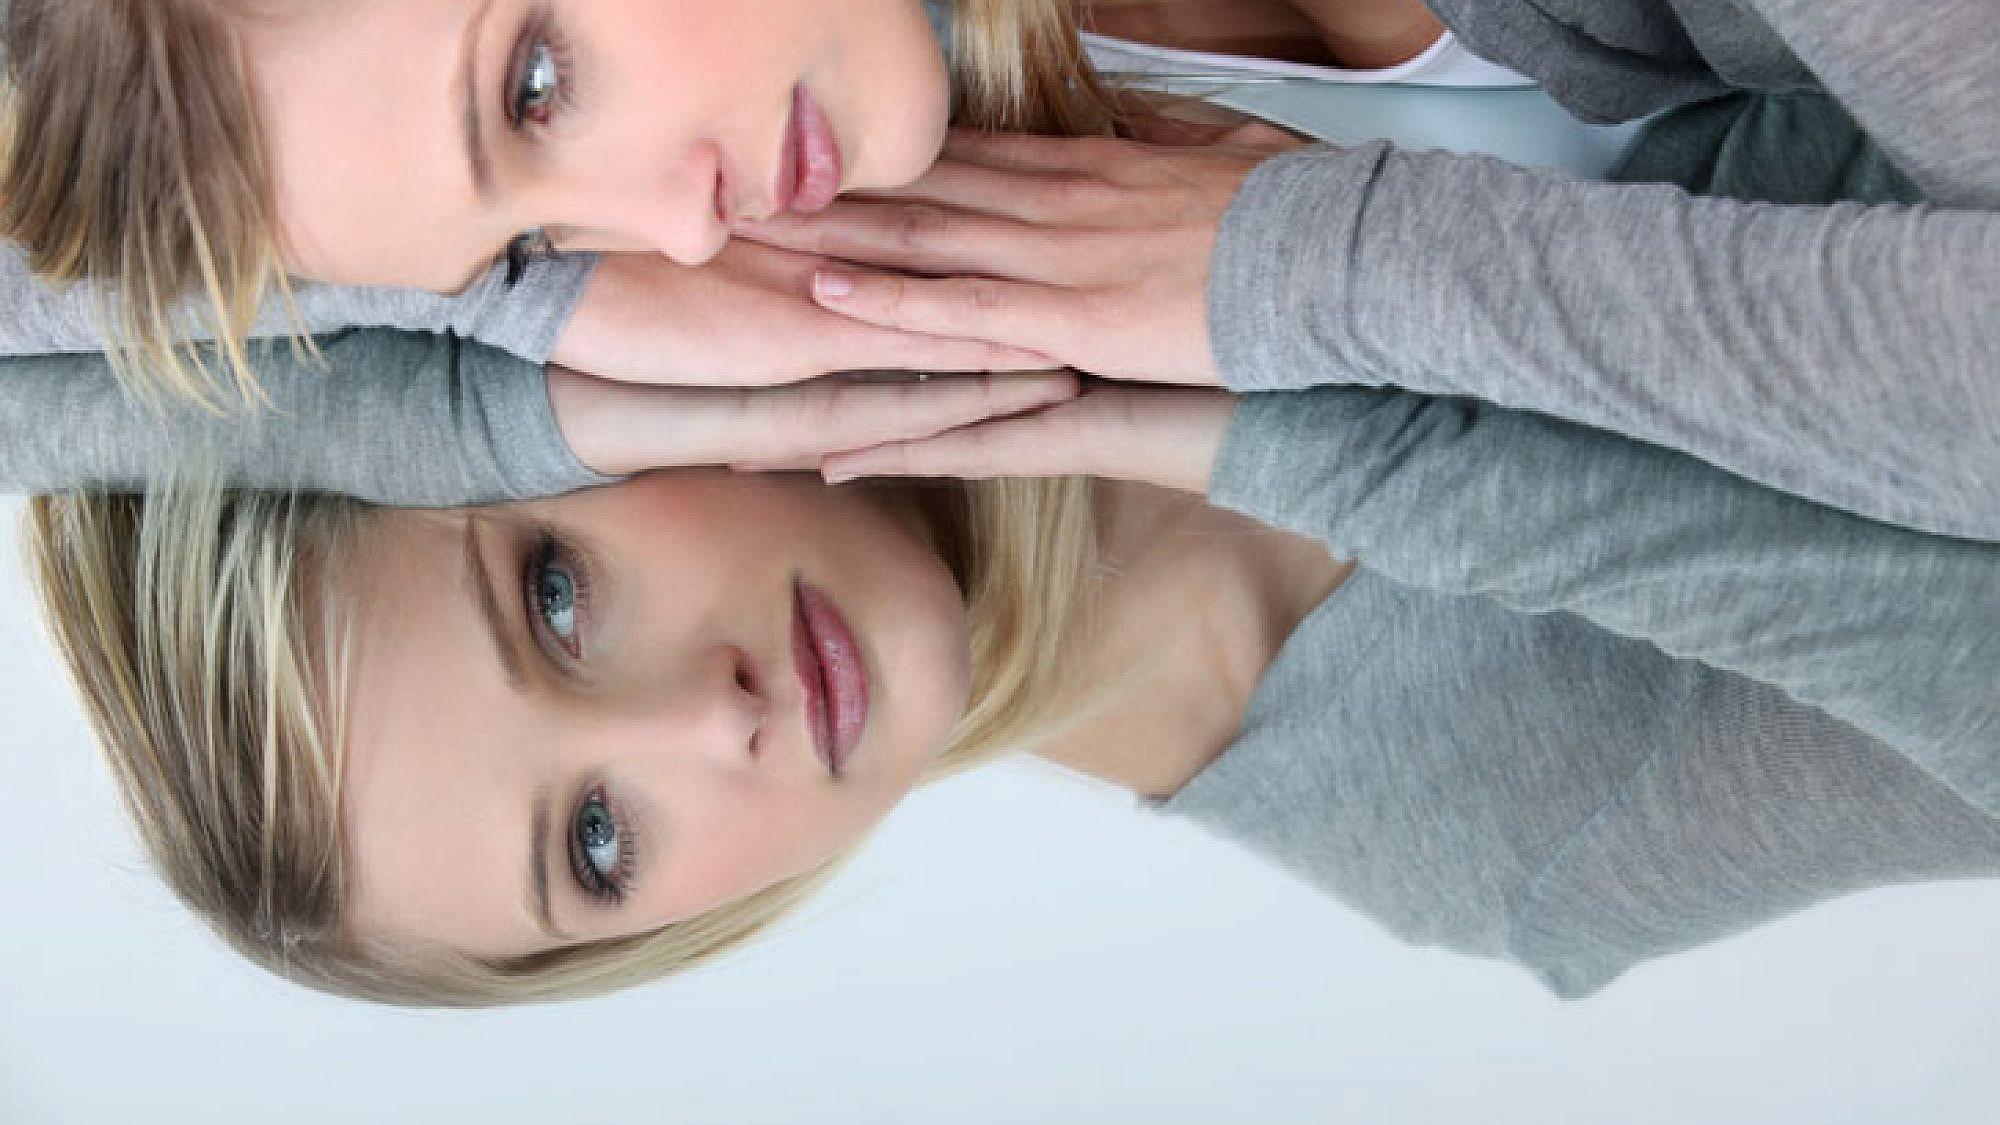 הגוף שלנו משמש כסוג של מראה   צלם: א.ס.א.פ קריאייטיב   auremar, shutterstock